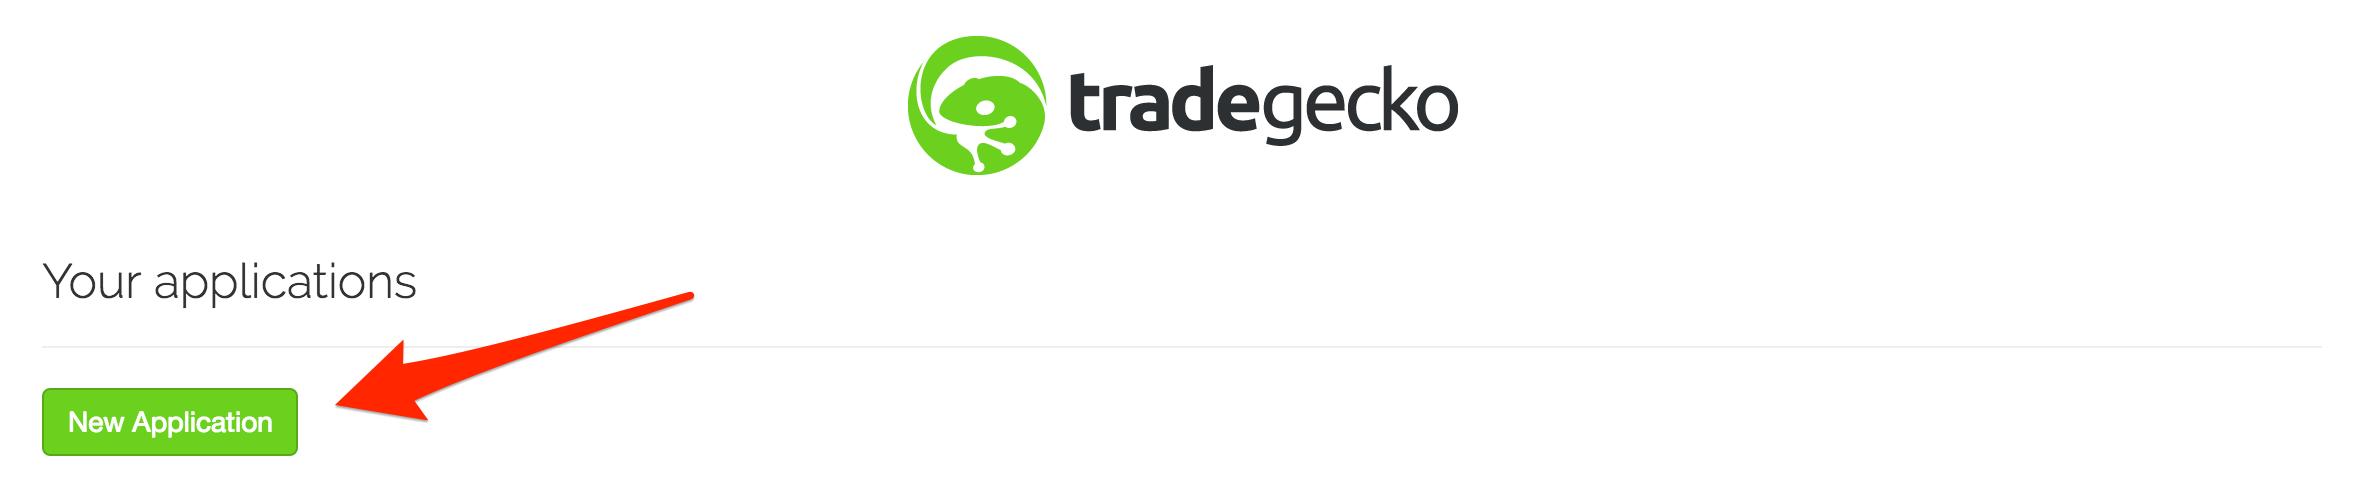 Add new application in TradeGecko.